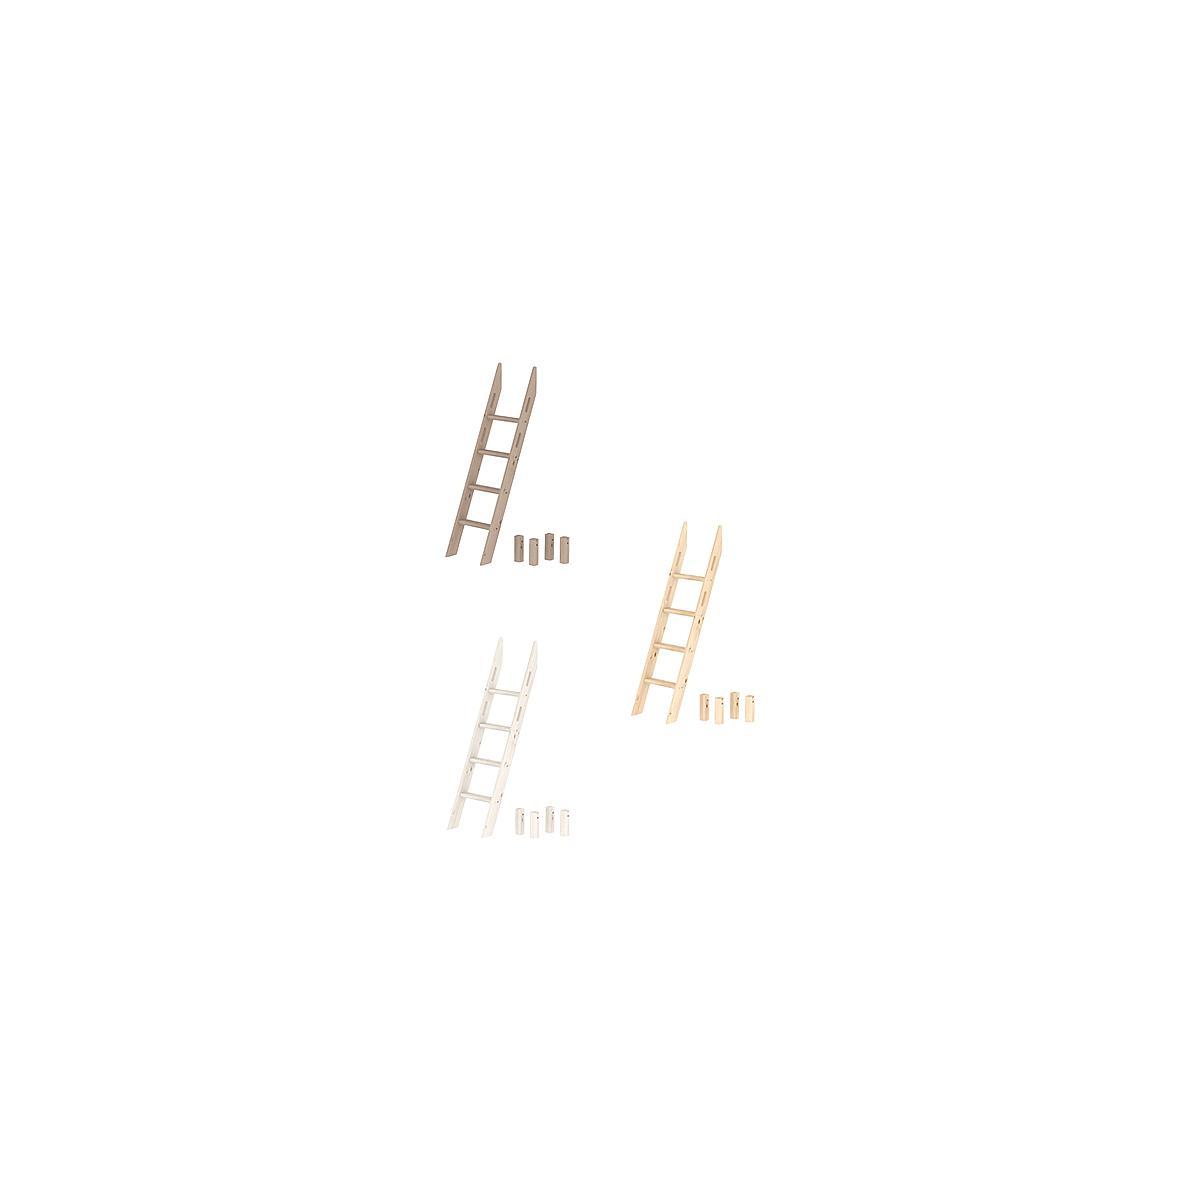 Escalera inclinada y unión Litera CLASSIC Flexa terra